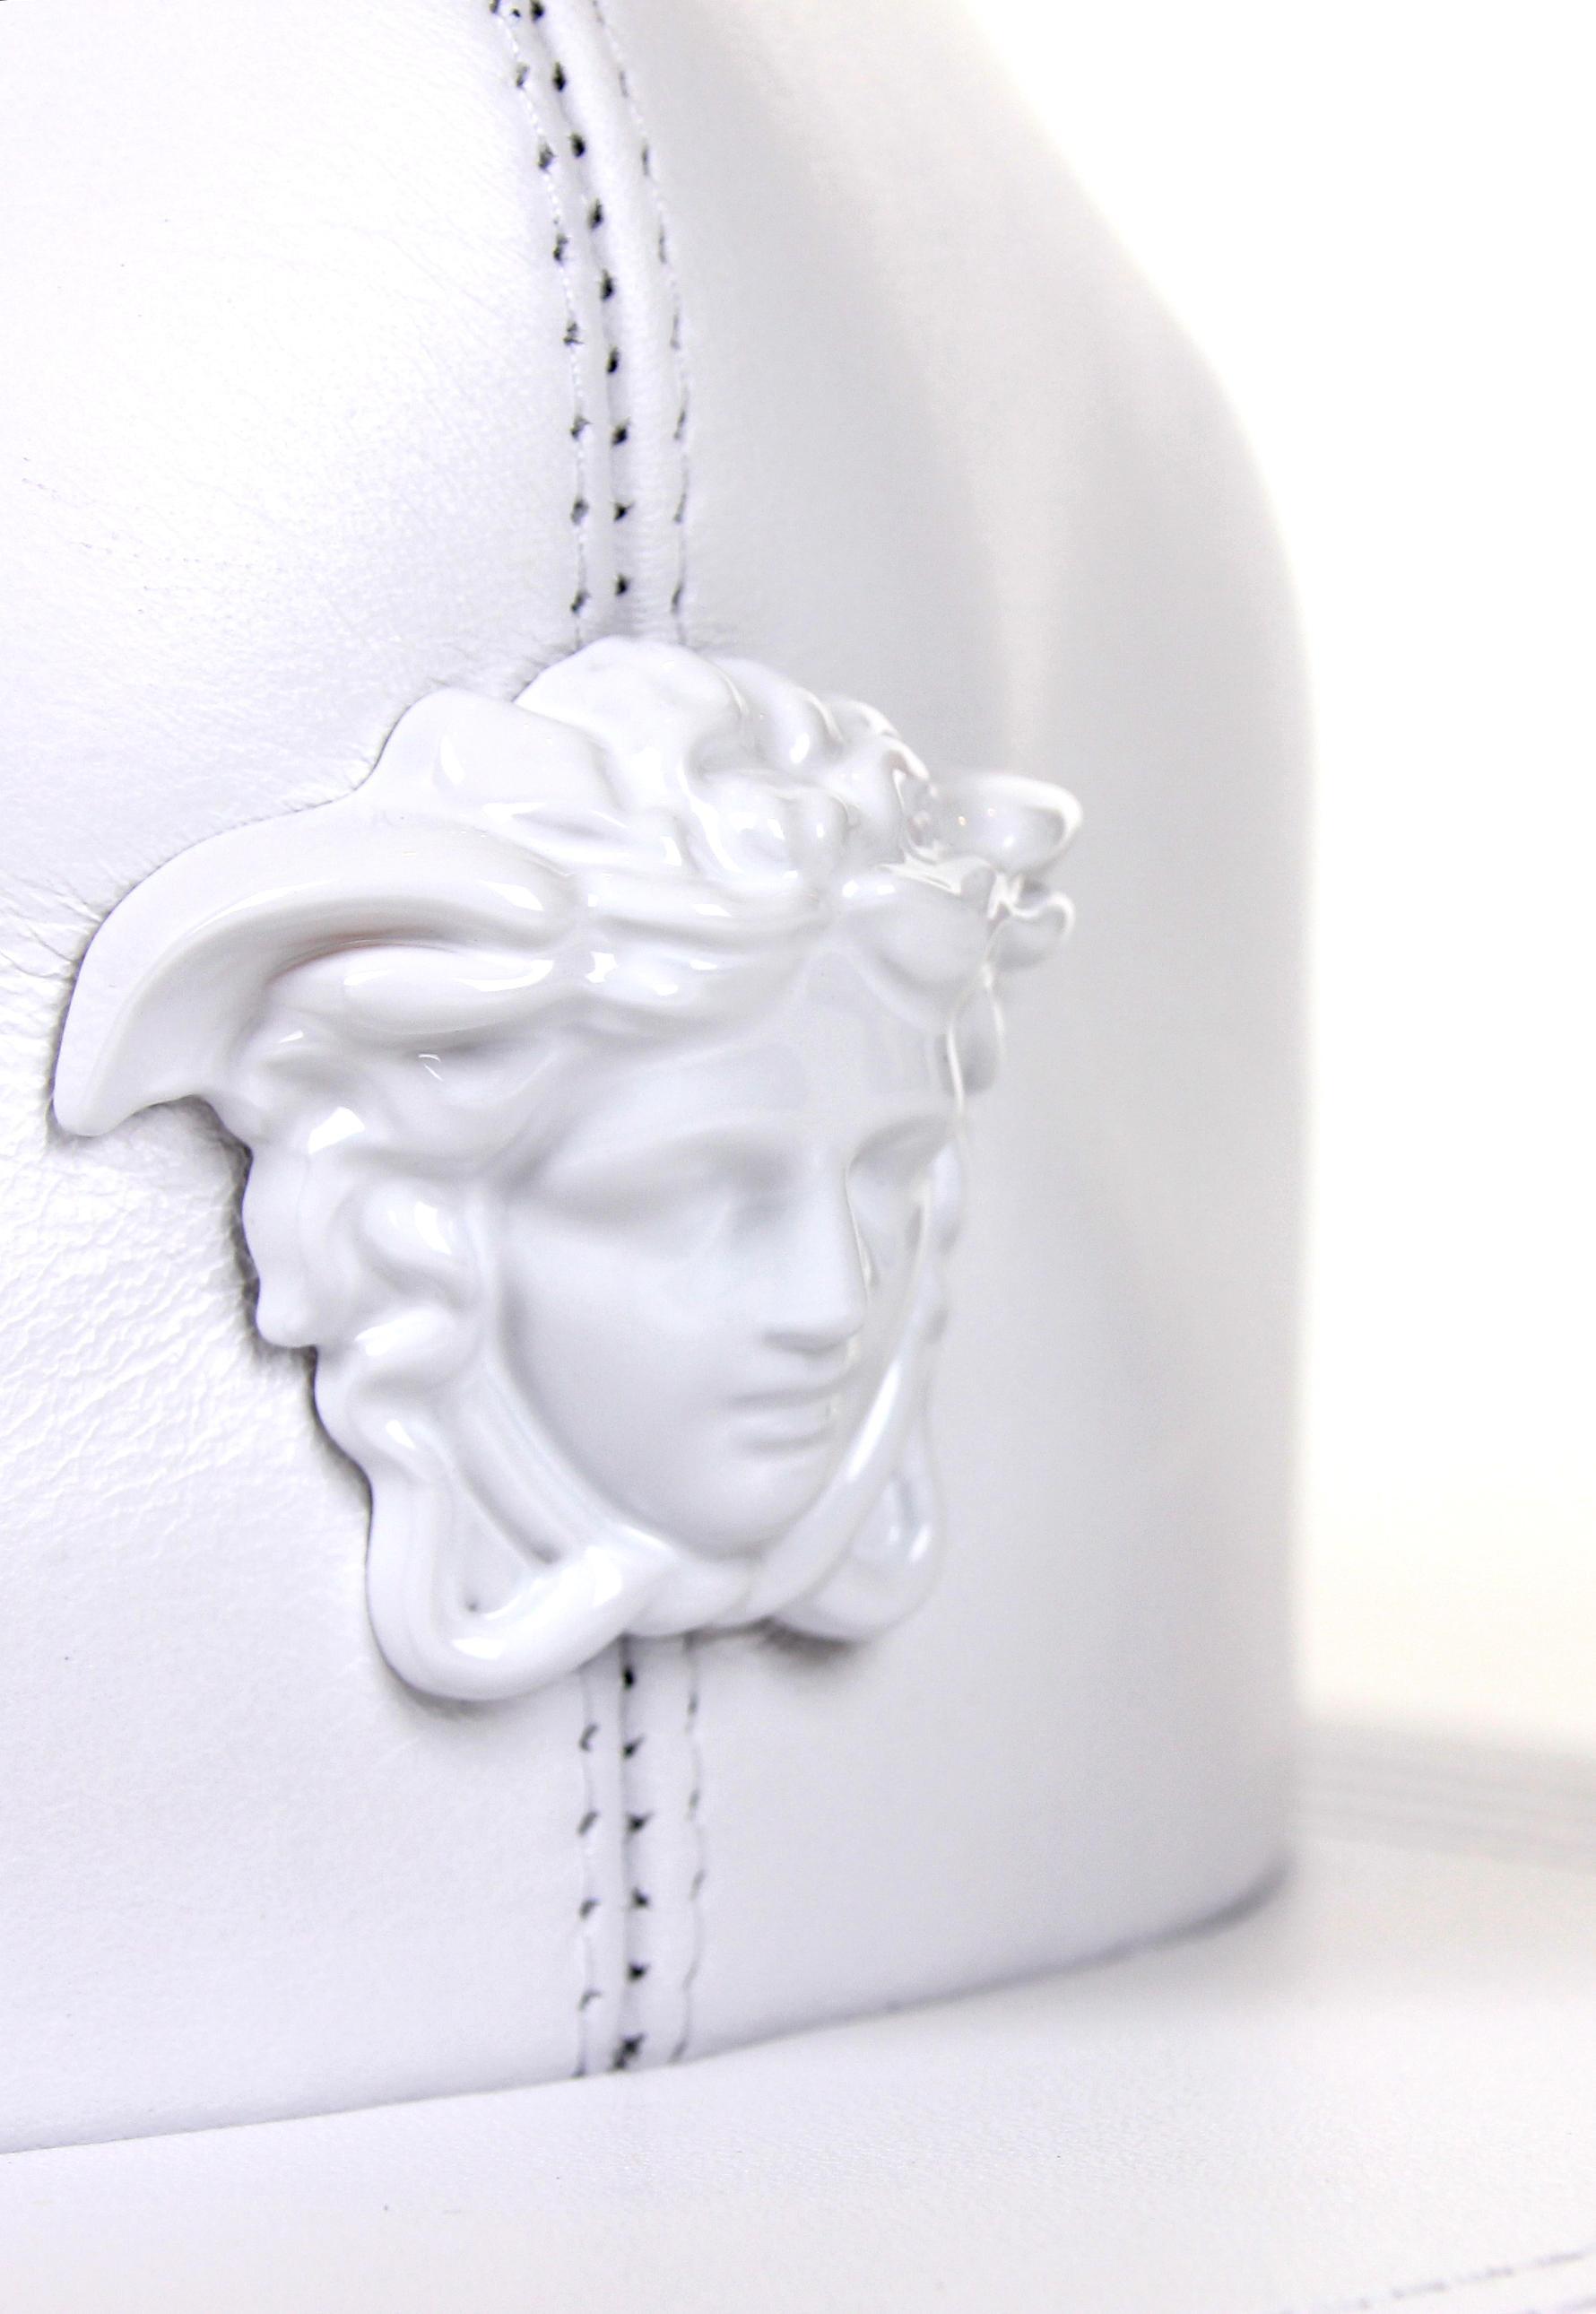 Lyst - Versace Medusa Logo Leather Show Cap White white in White for Men cf09d8f161ec